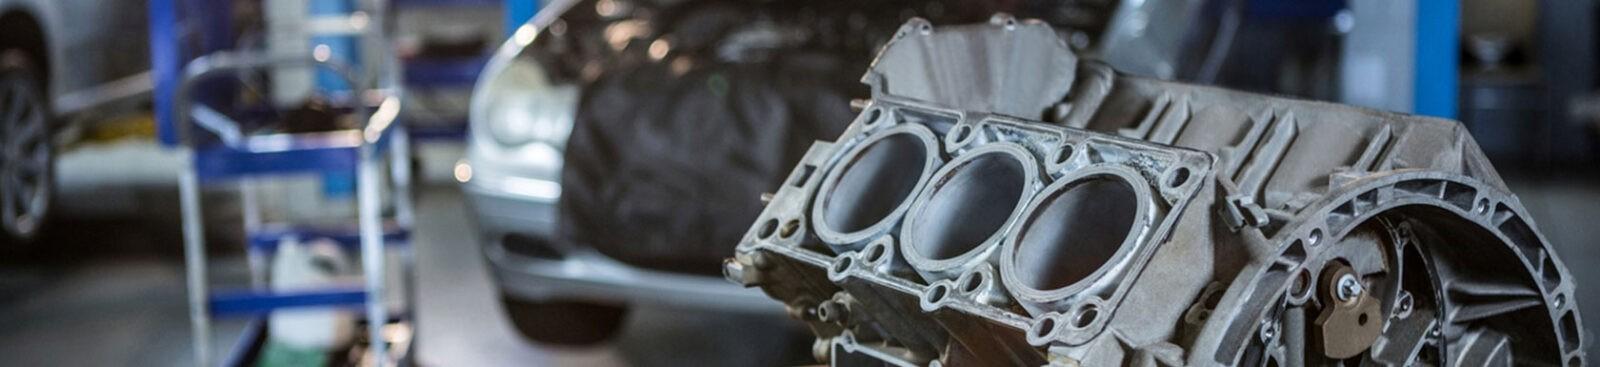 Текущий ремонт автомобиля